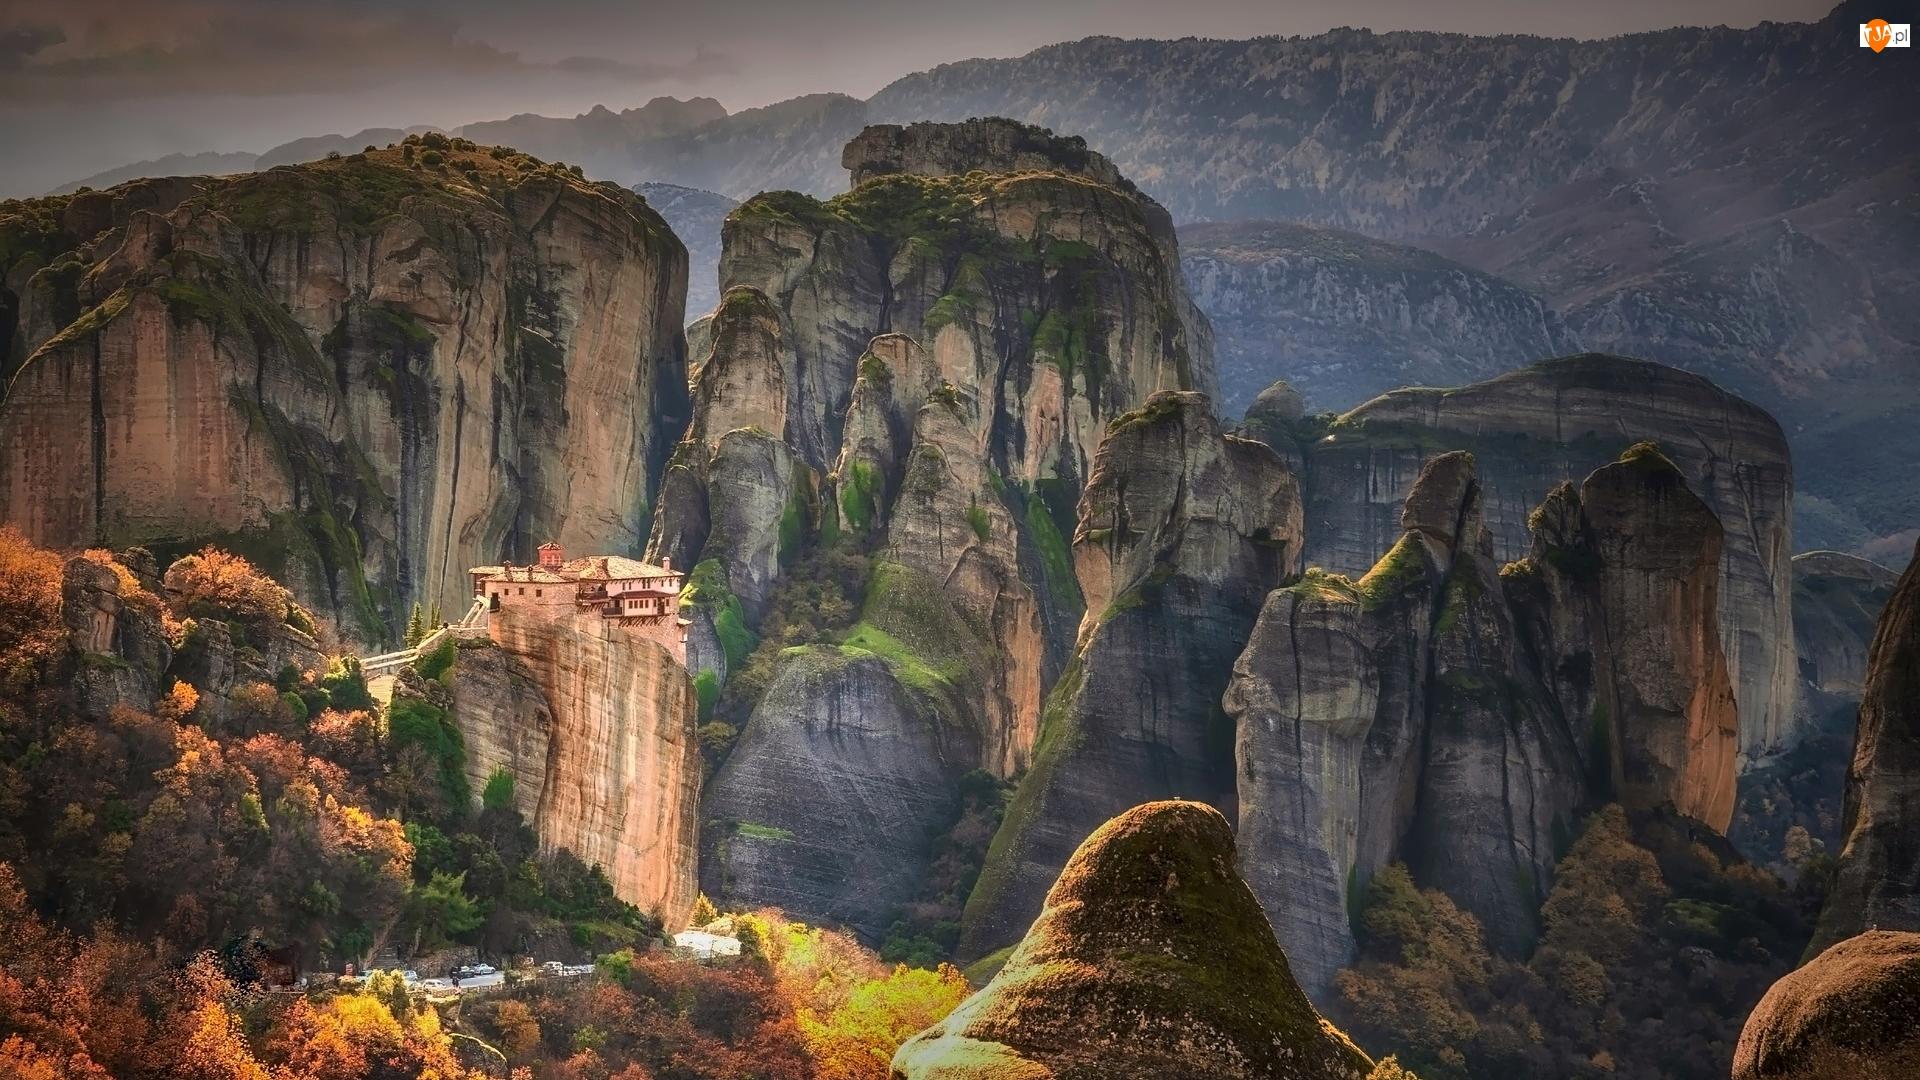 Masyw skalny Meteory, Grecja, Monastyr Varlaam, Góry, Klasztor Warłama, Skały